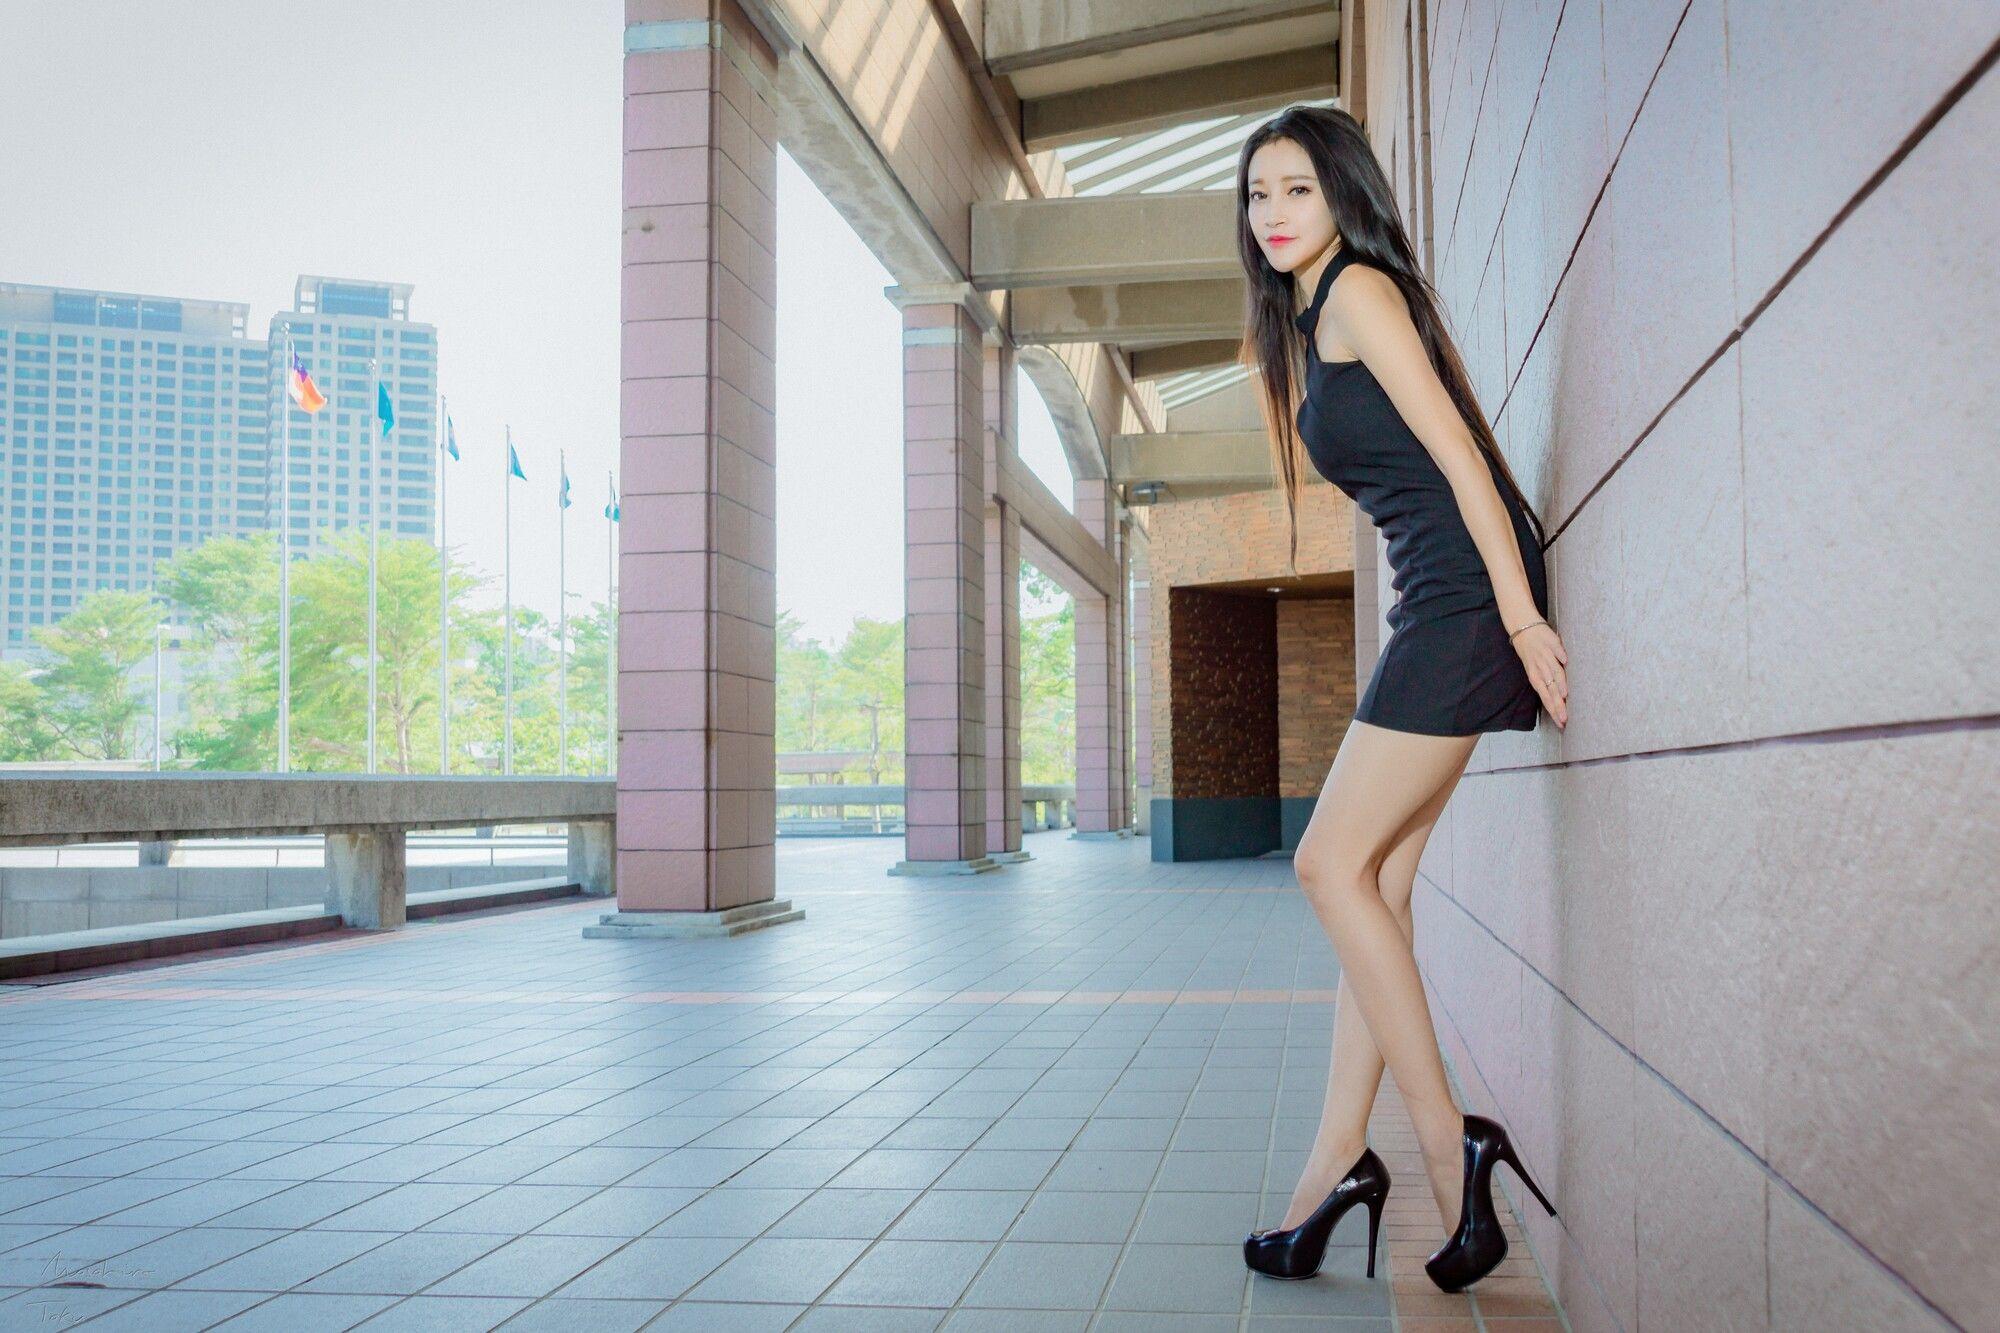 VOL.1614 [台湾正妹]极品女神正妹长腿美女:詹艾葳(腿模Avril,腿模Arvil)超高清个人性感漂亮大图(71P)